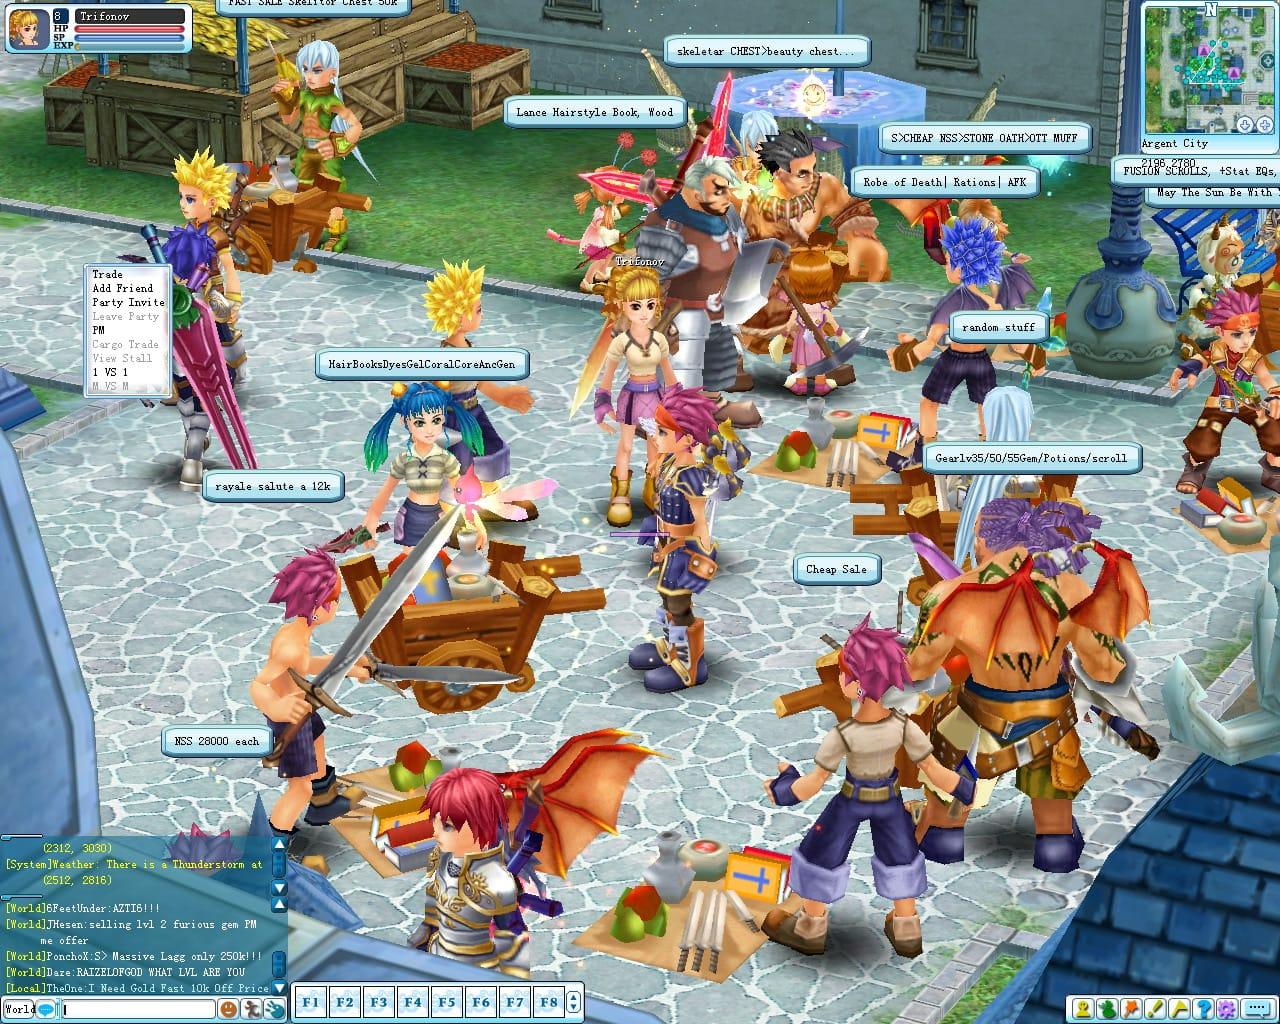 Фотография 1 - Мои фотографии - Фотоальбомы - ТОП игровых серверов